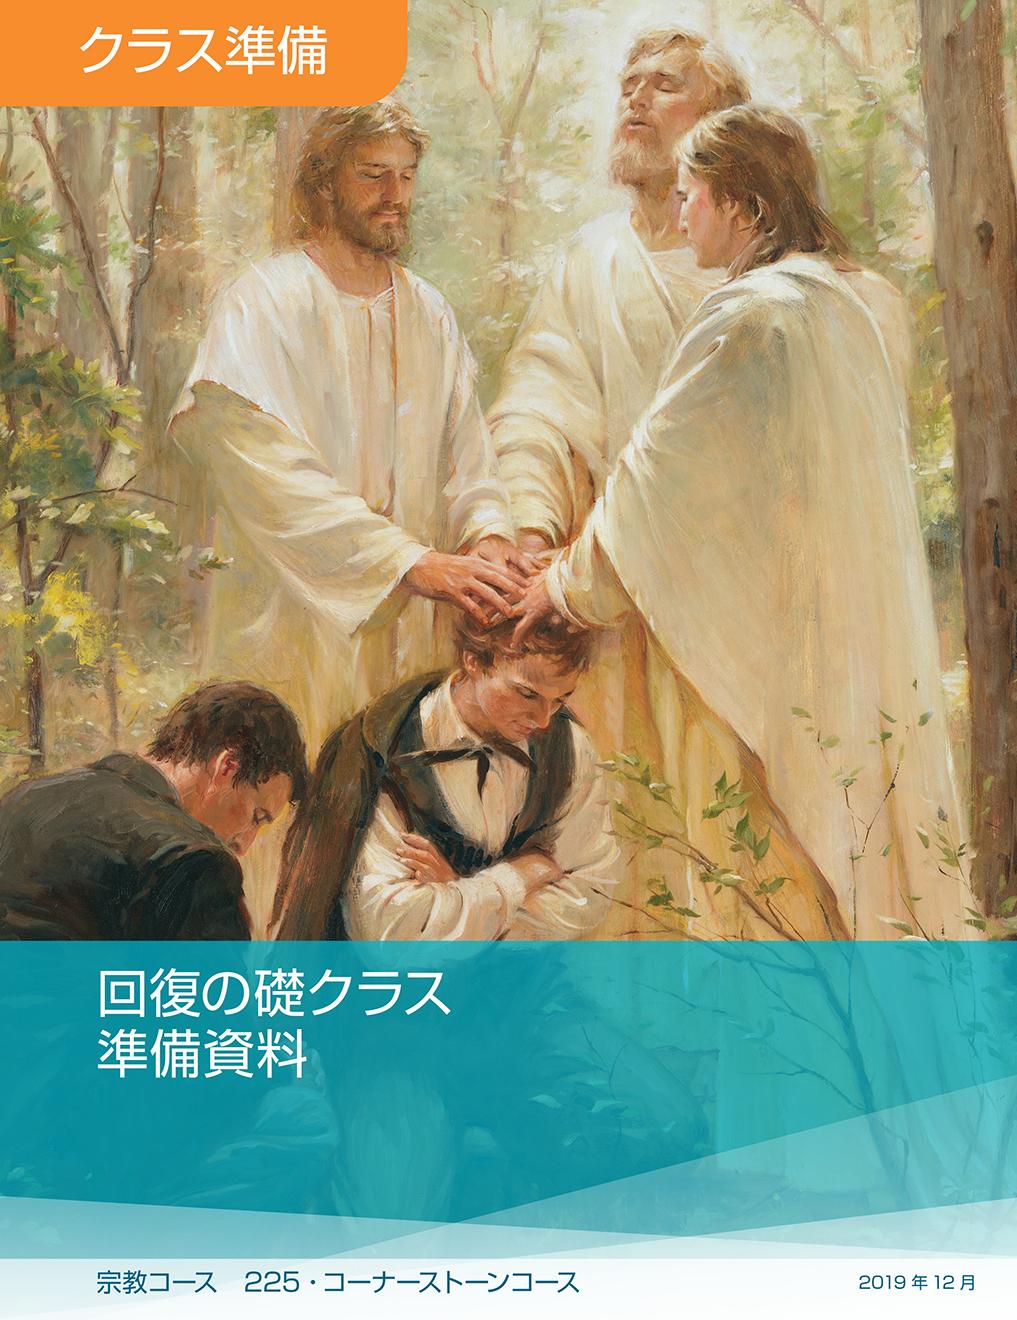 『回復の礎 クラス準備資料』(宗教225)